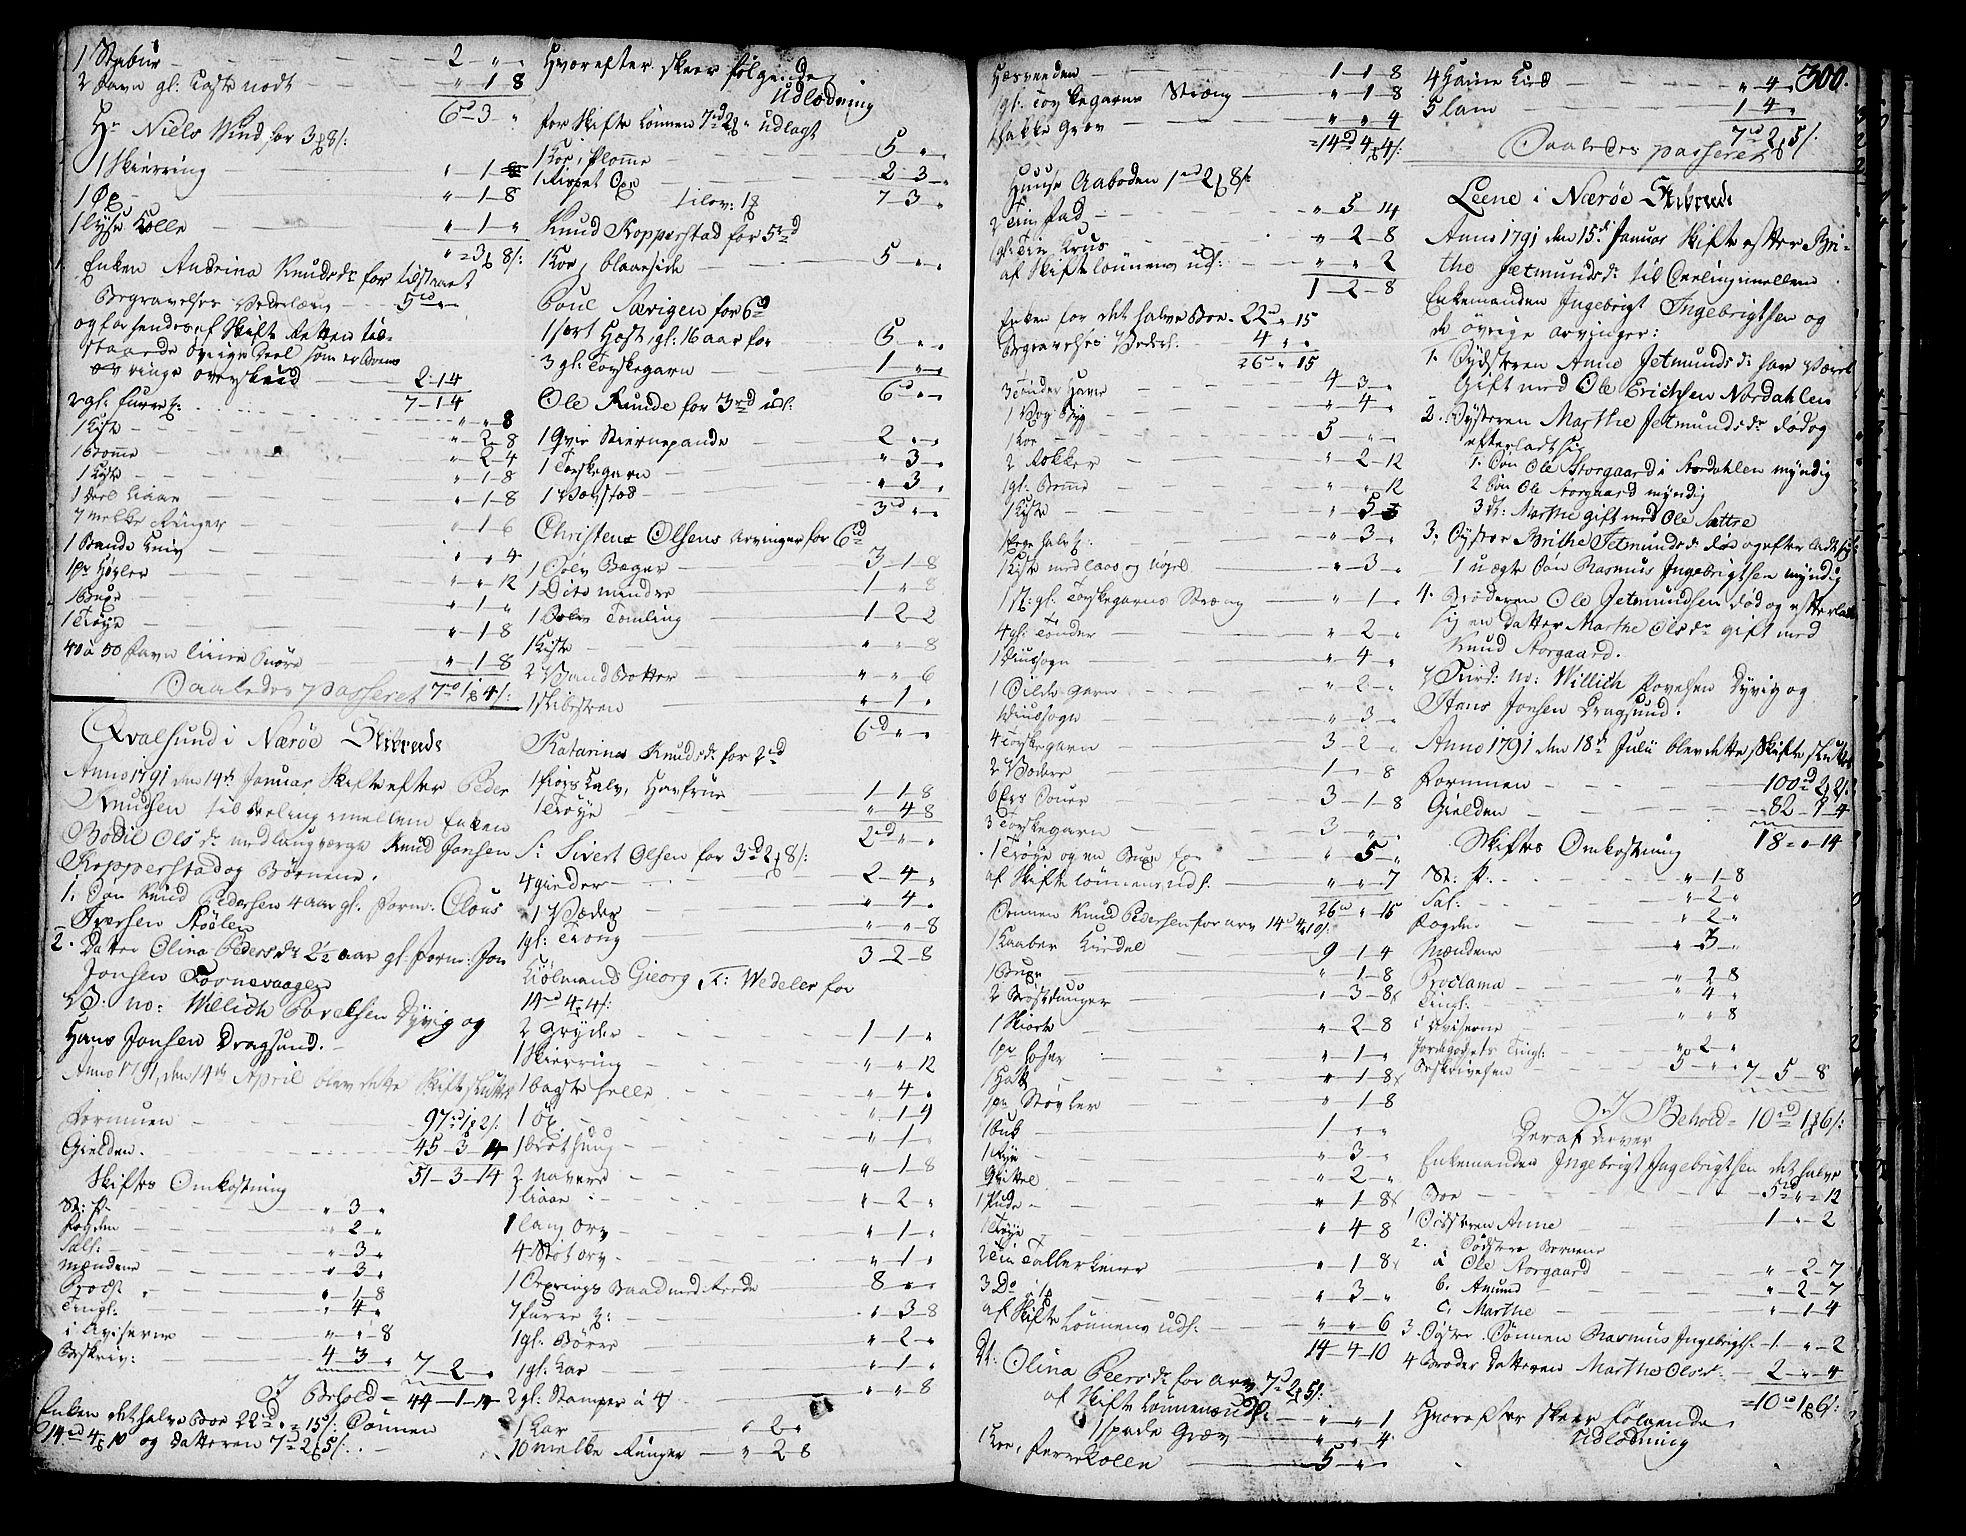 SAT, Sunnmøre sorenskriveri, 3/3A/L0029: Skifteprotokoll 20, 1787-1801, s. 299b-300a